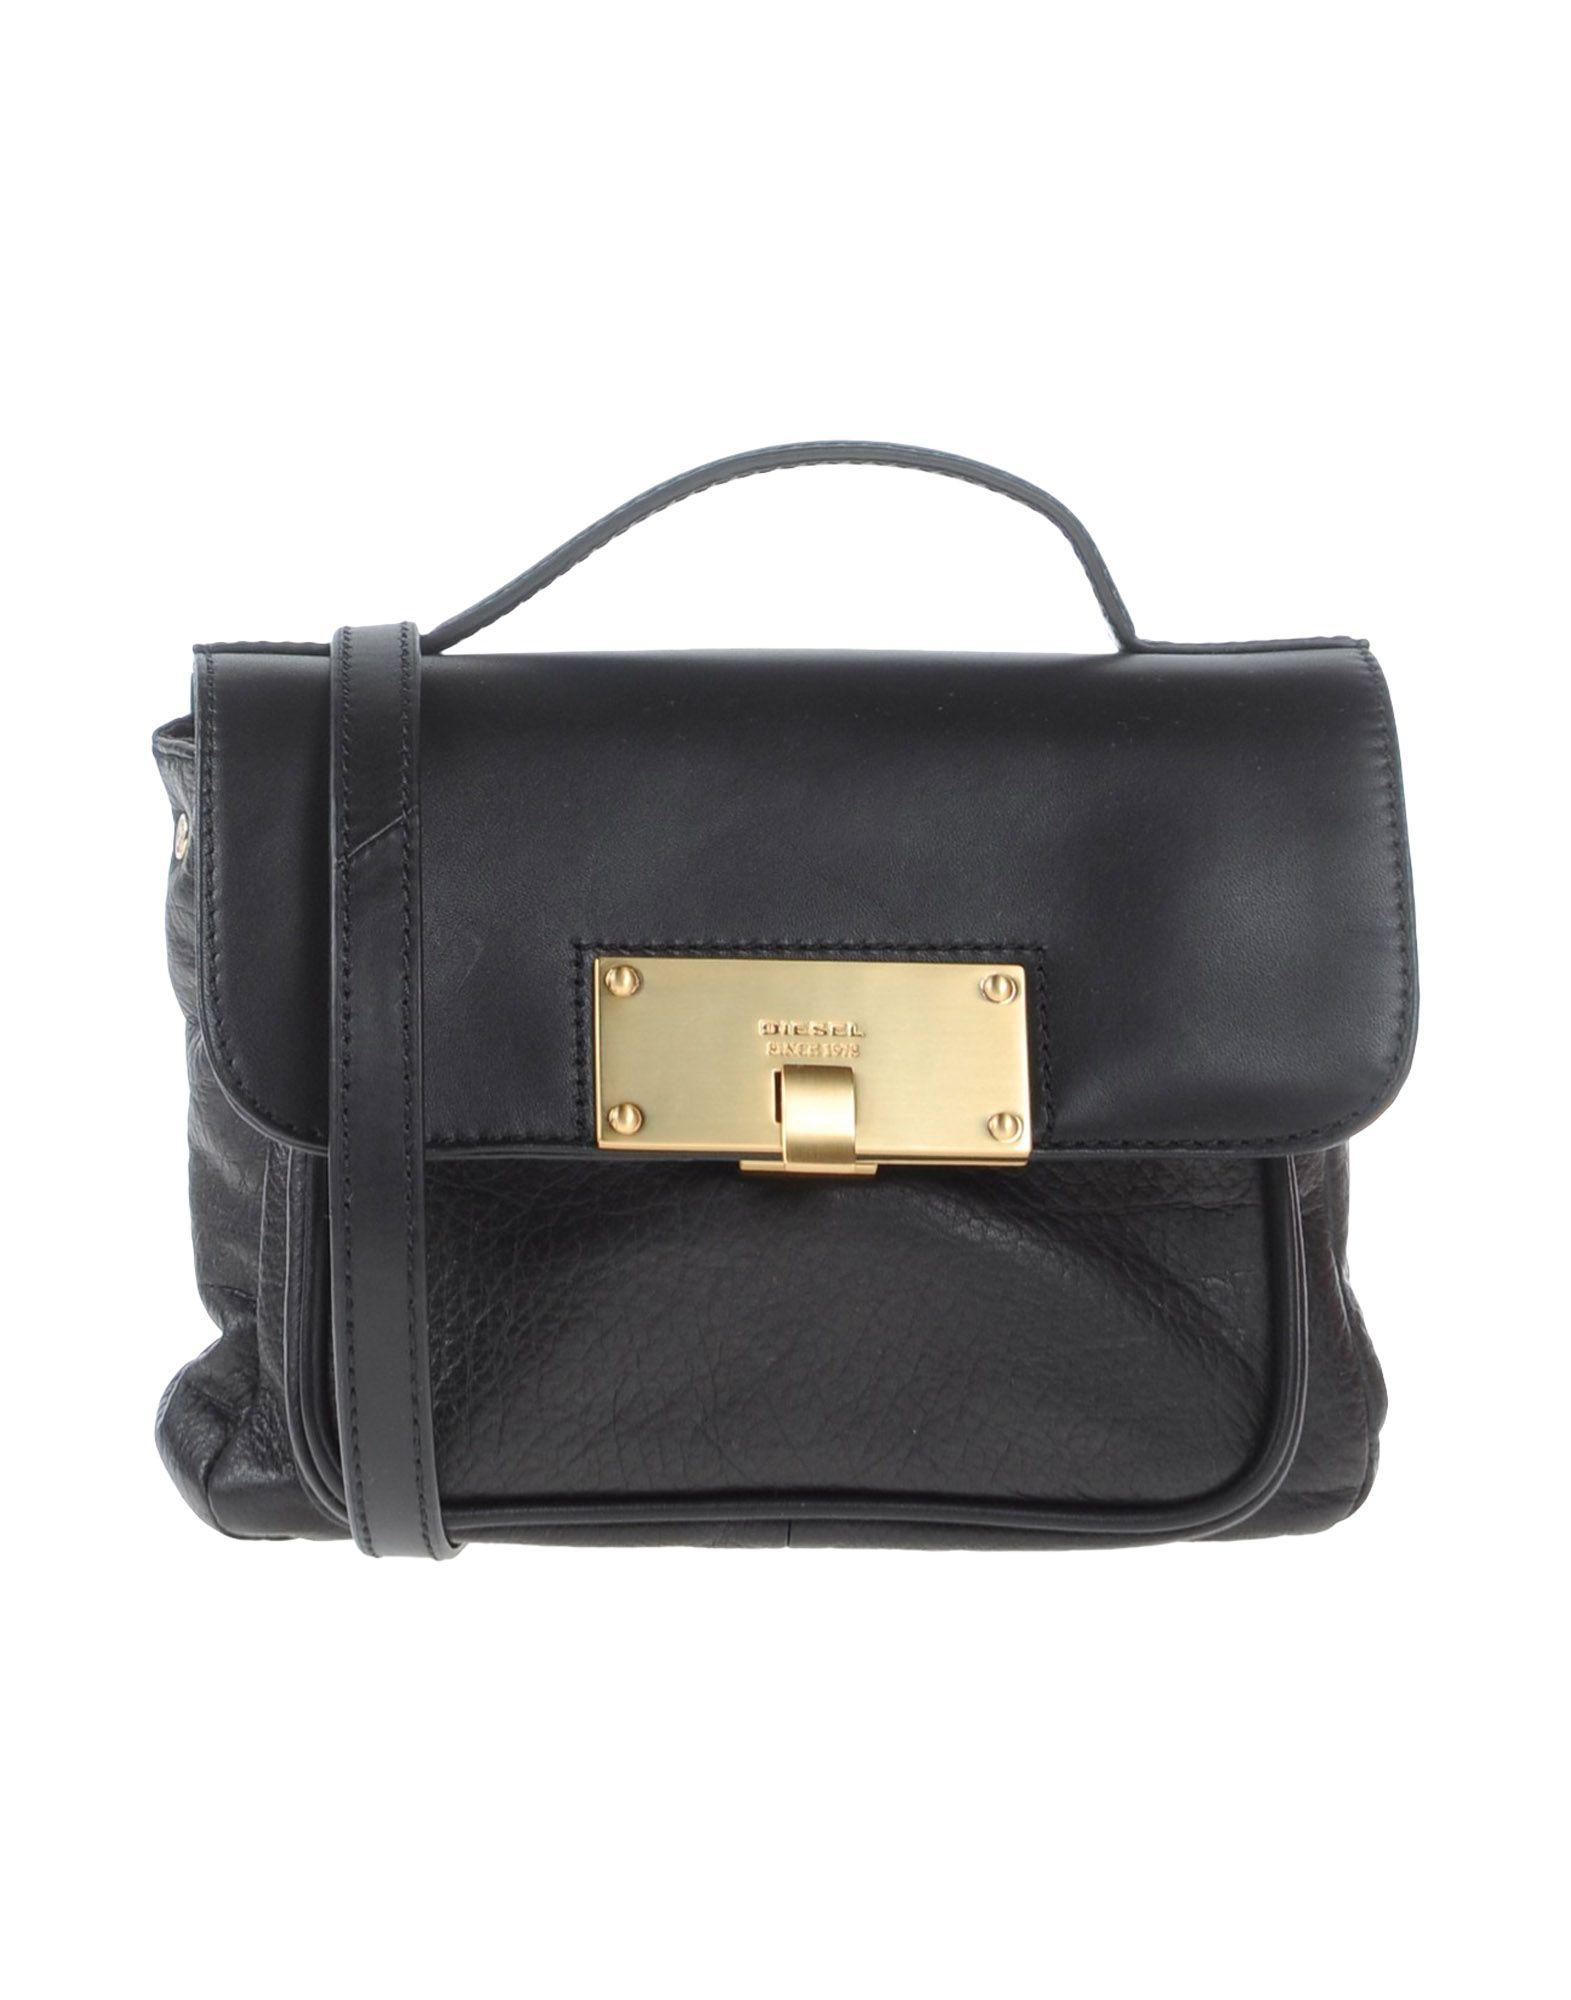 Diesel Diaper Bags : Diesel handbag